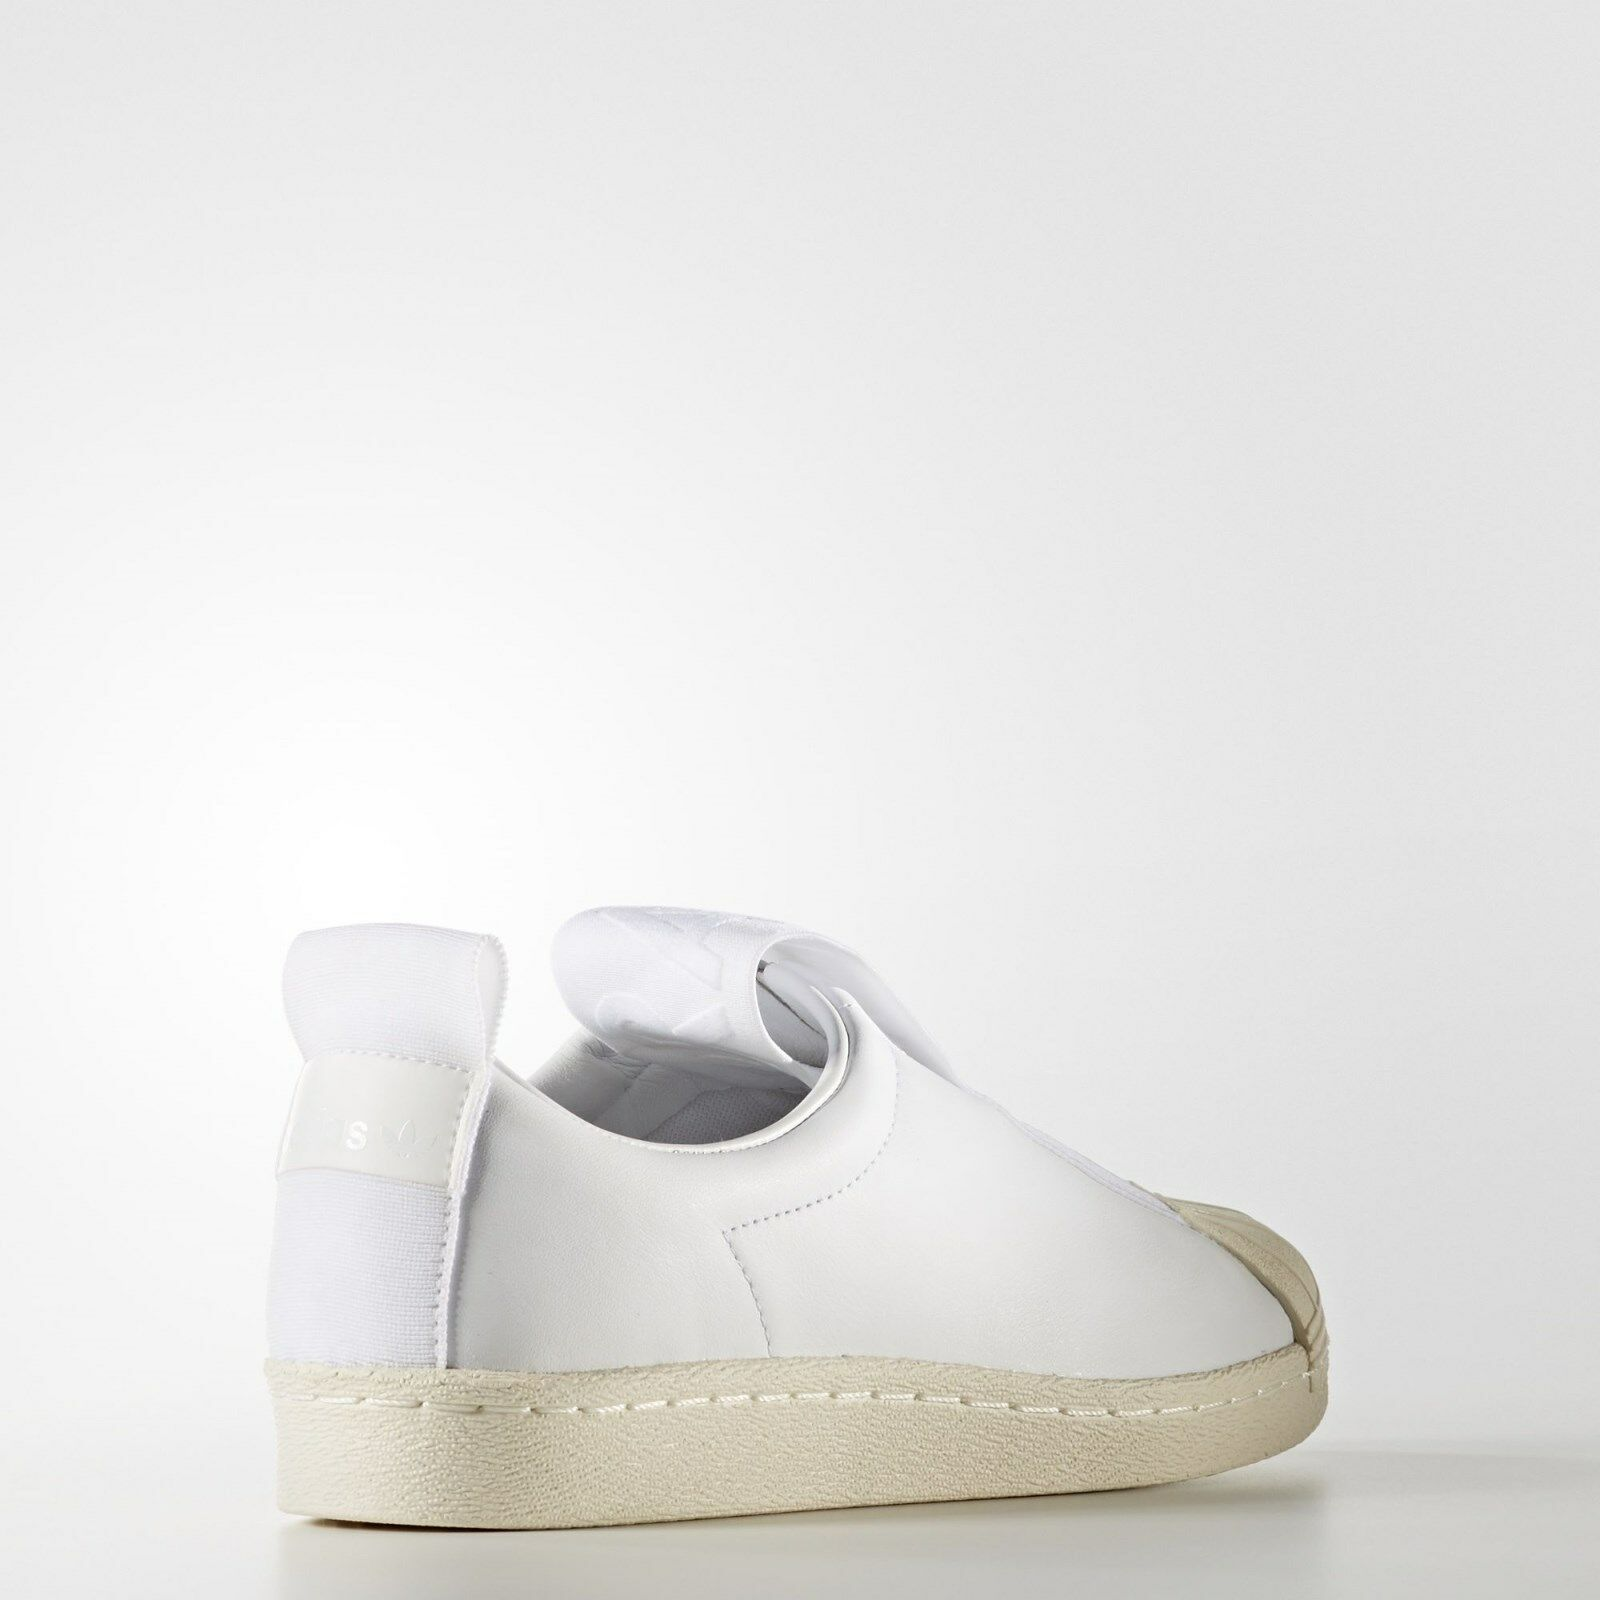 Adidas originals frauen paar superstar kg ziehen uns by9139 letztes paar frauen schuhe größe 8 ba7650